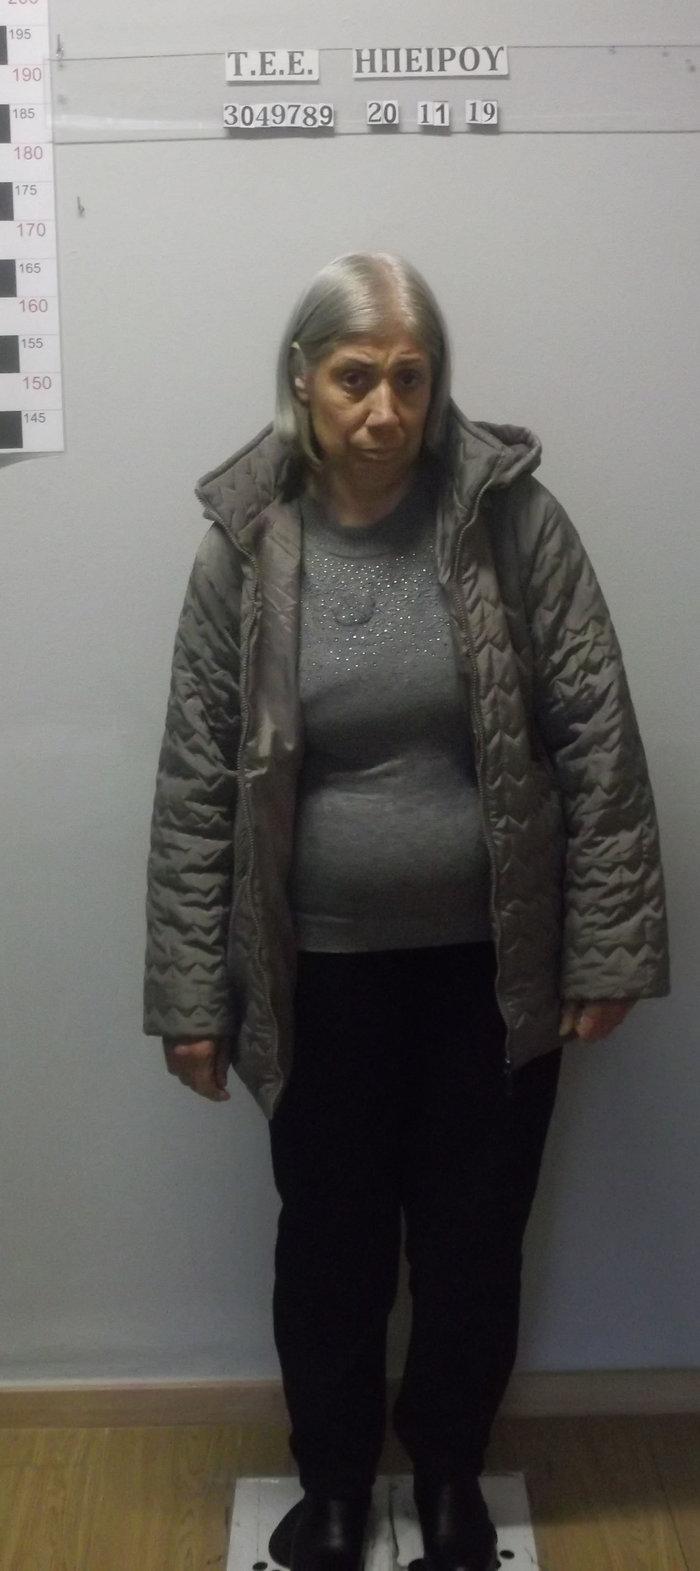 Γιάννενα: Αυτή είναι η Βουλγάρα που εξαπατούσε ηλικιωμένους - εικόνα 3